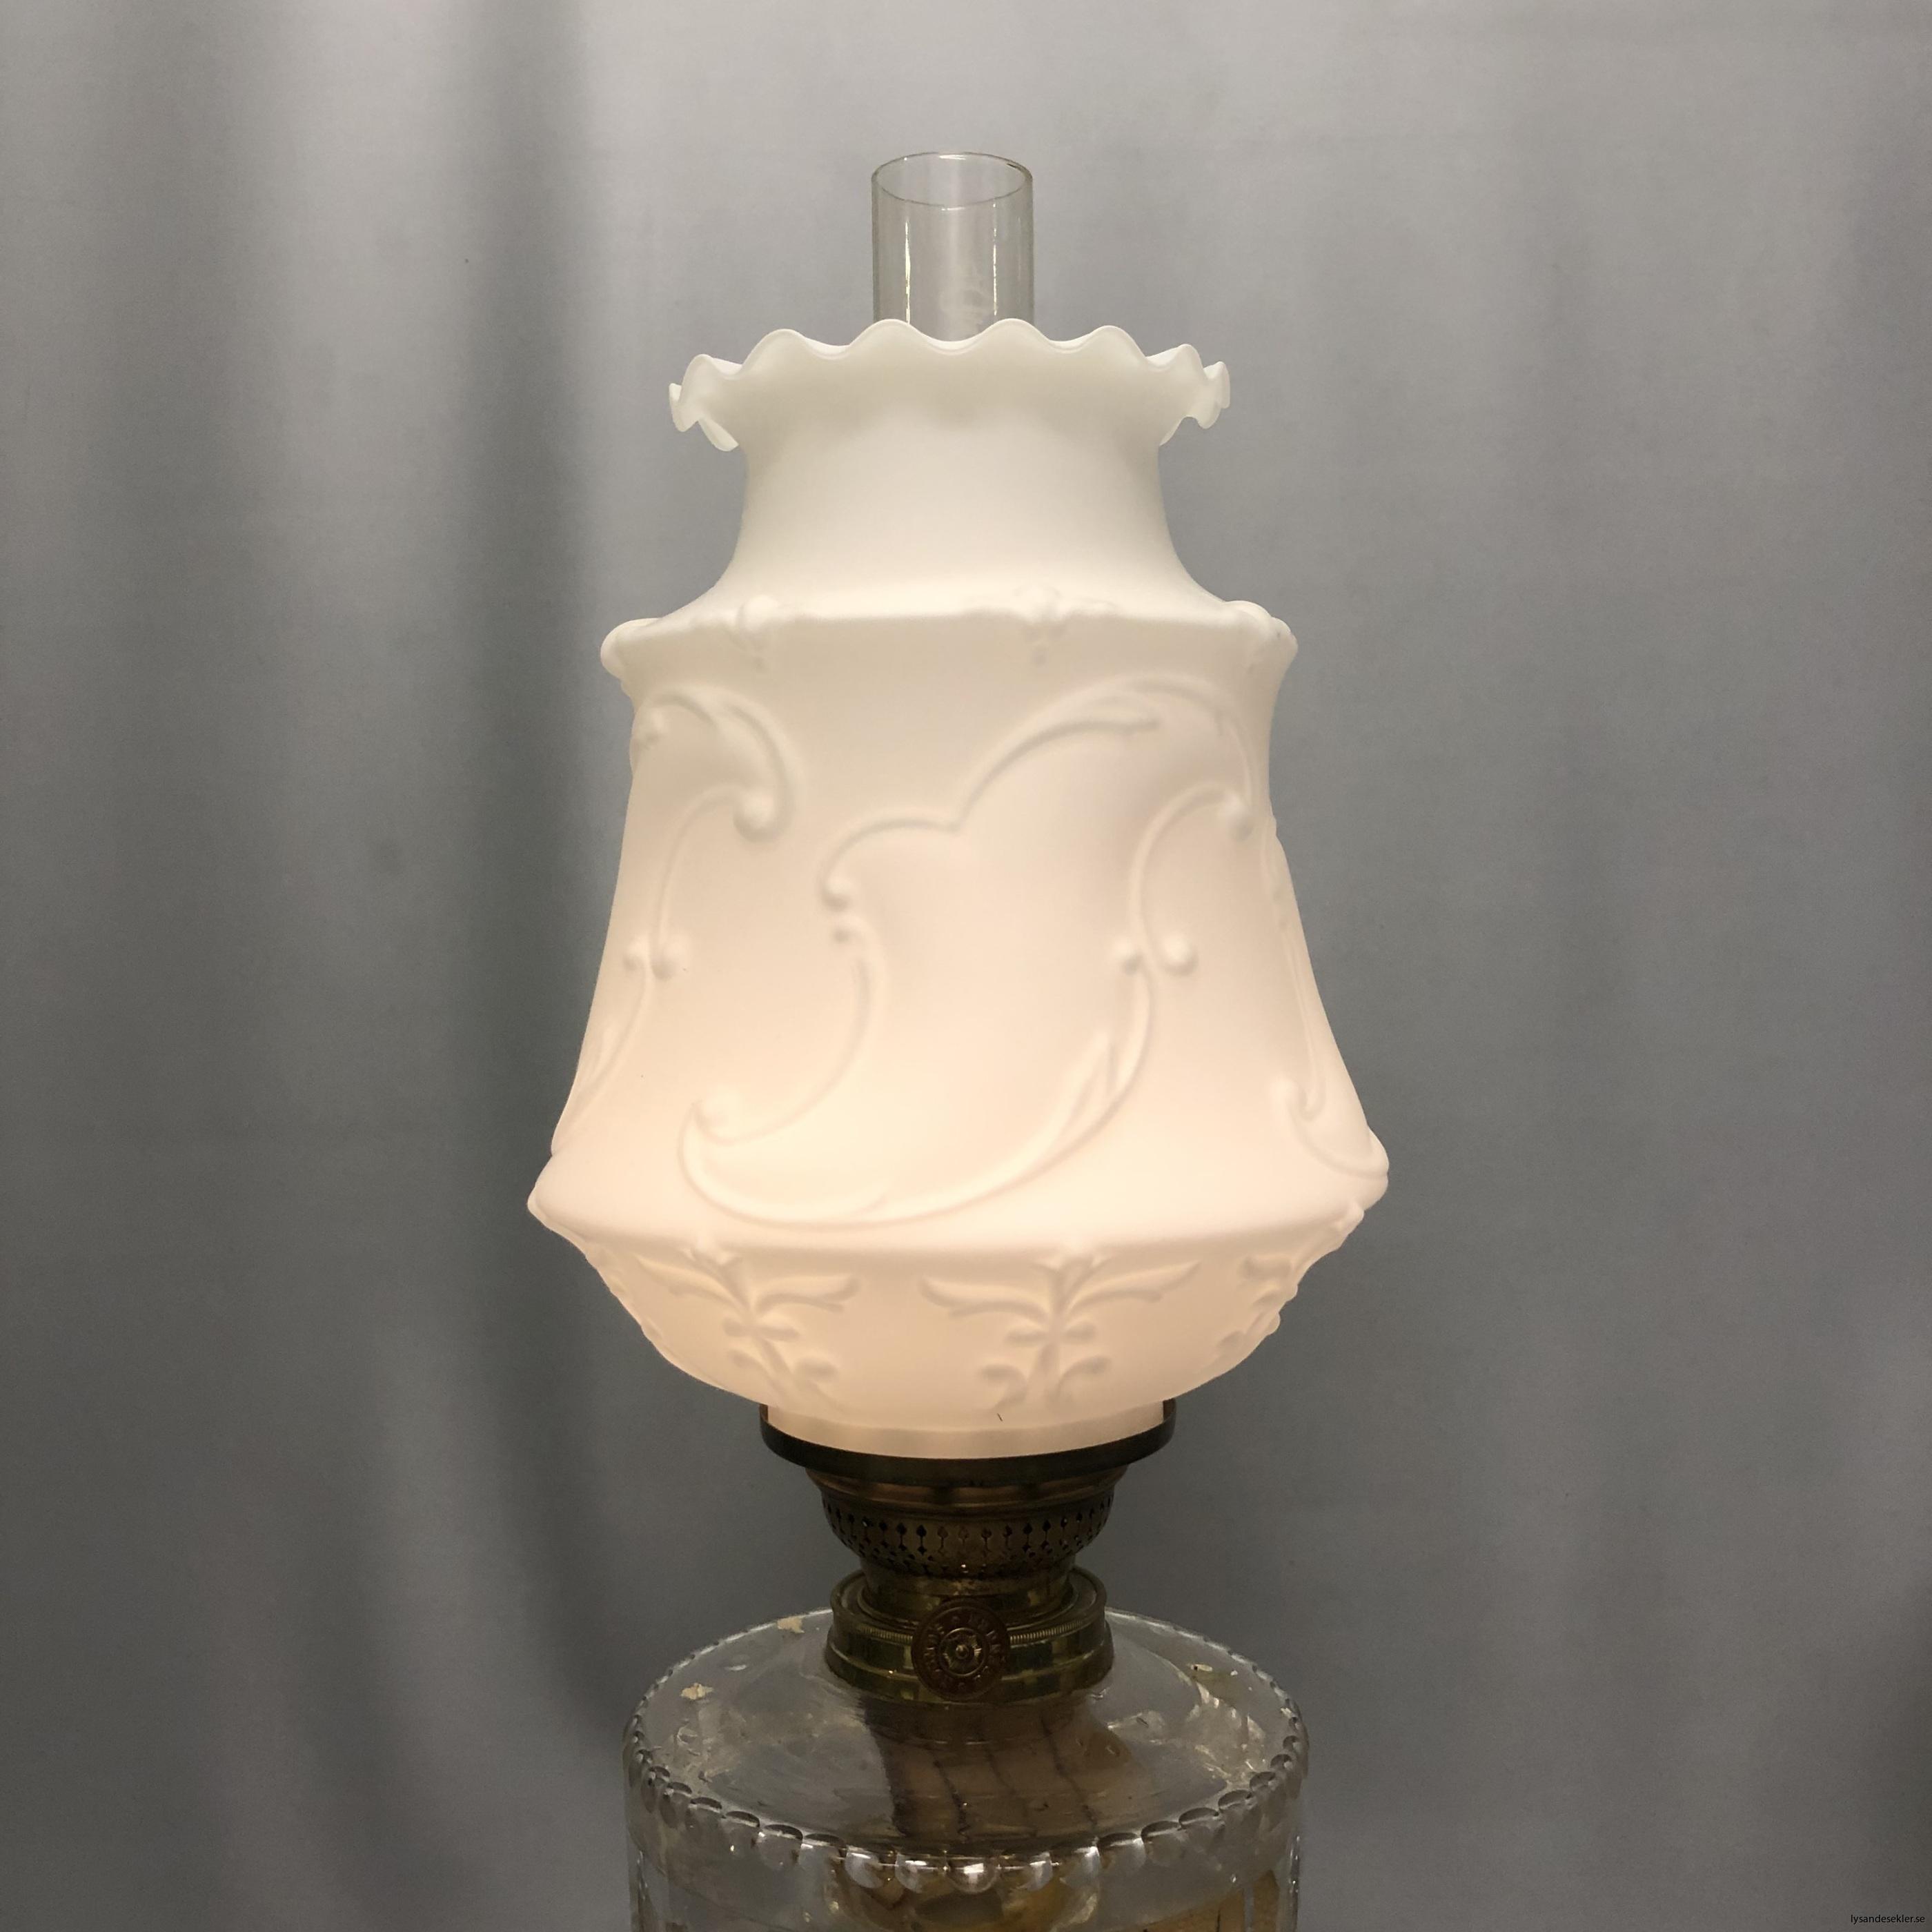 matt vit tulpankupa till fotogenlampa 2